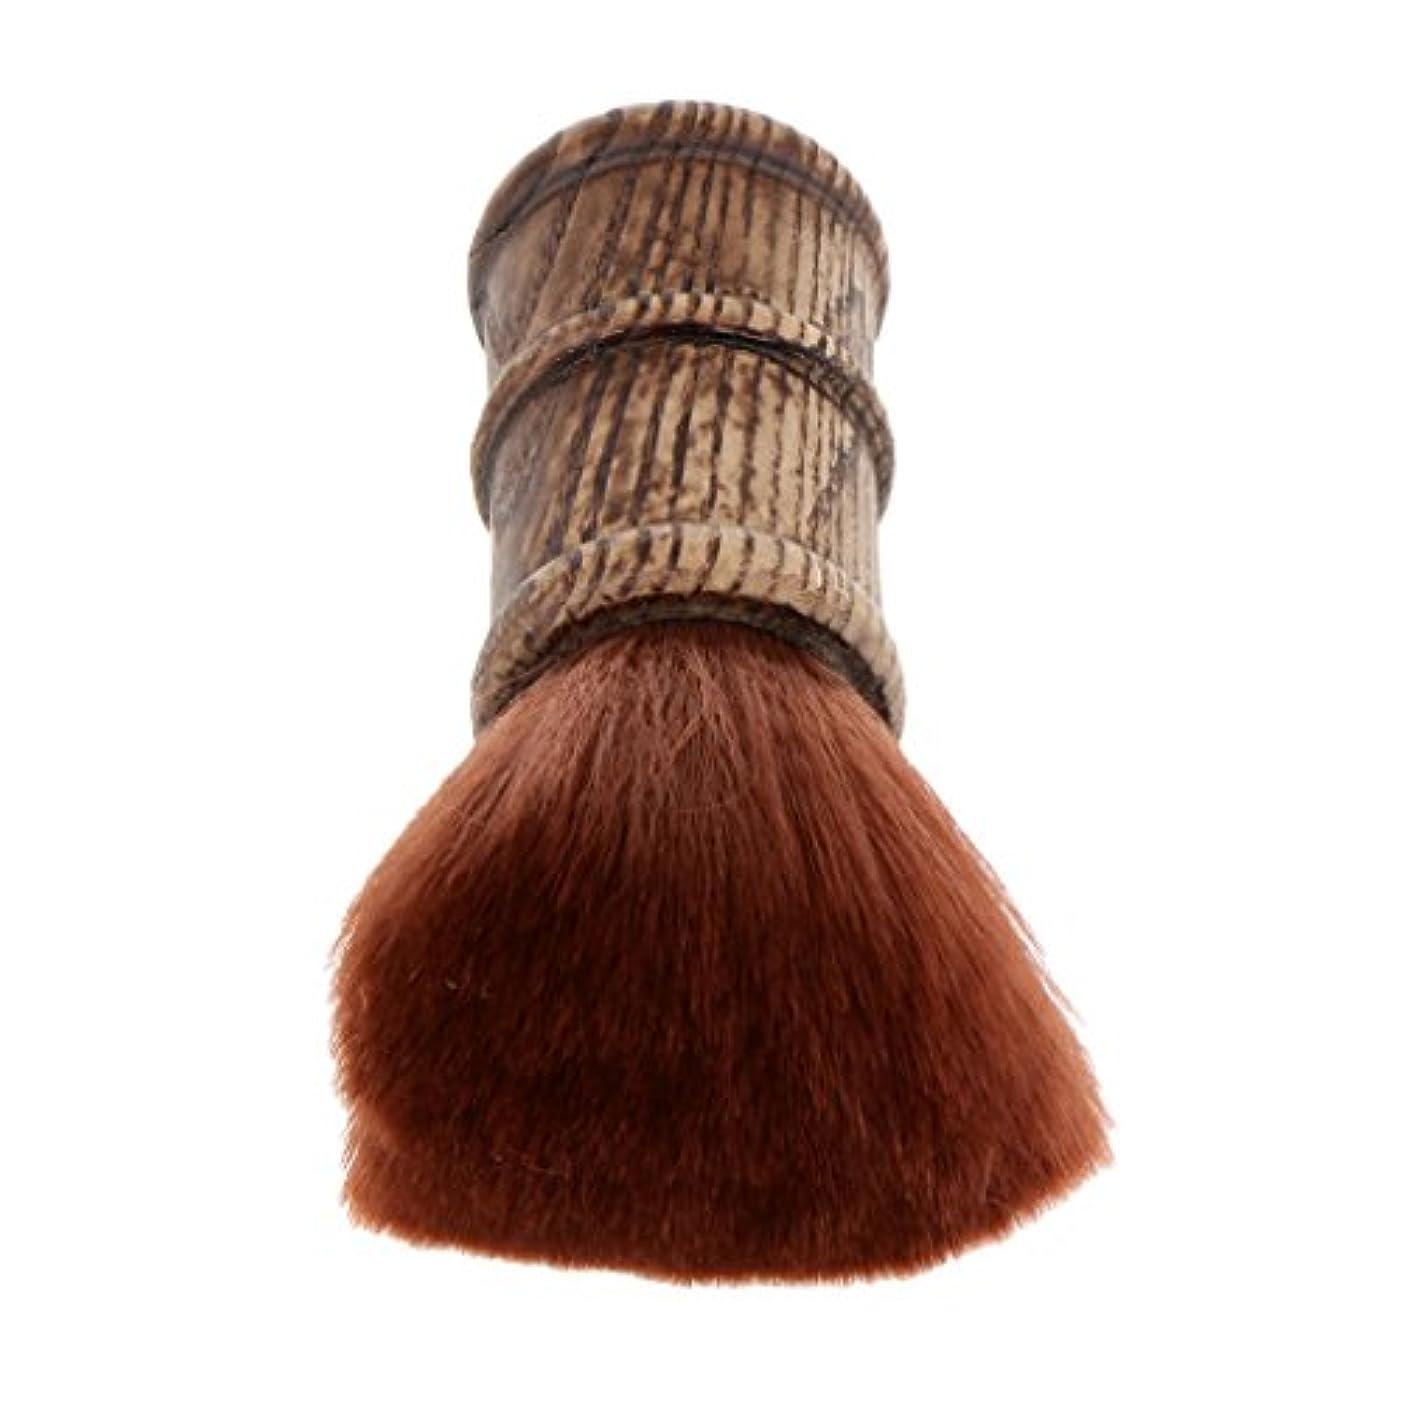 平和な乗算ニッケルBlesiya ネックダスターブラシ ヘアカットブラシ ブラシ プロ サロン 柔らかい 自宅用 ヘアスタイリスト ヘアカット 散髪 理髪師 2色選べる - 褐色